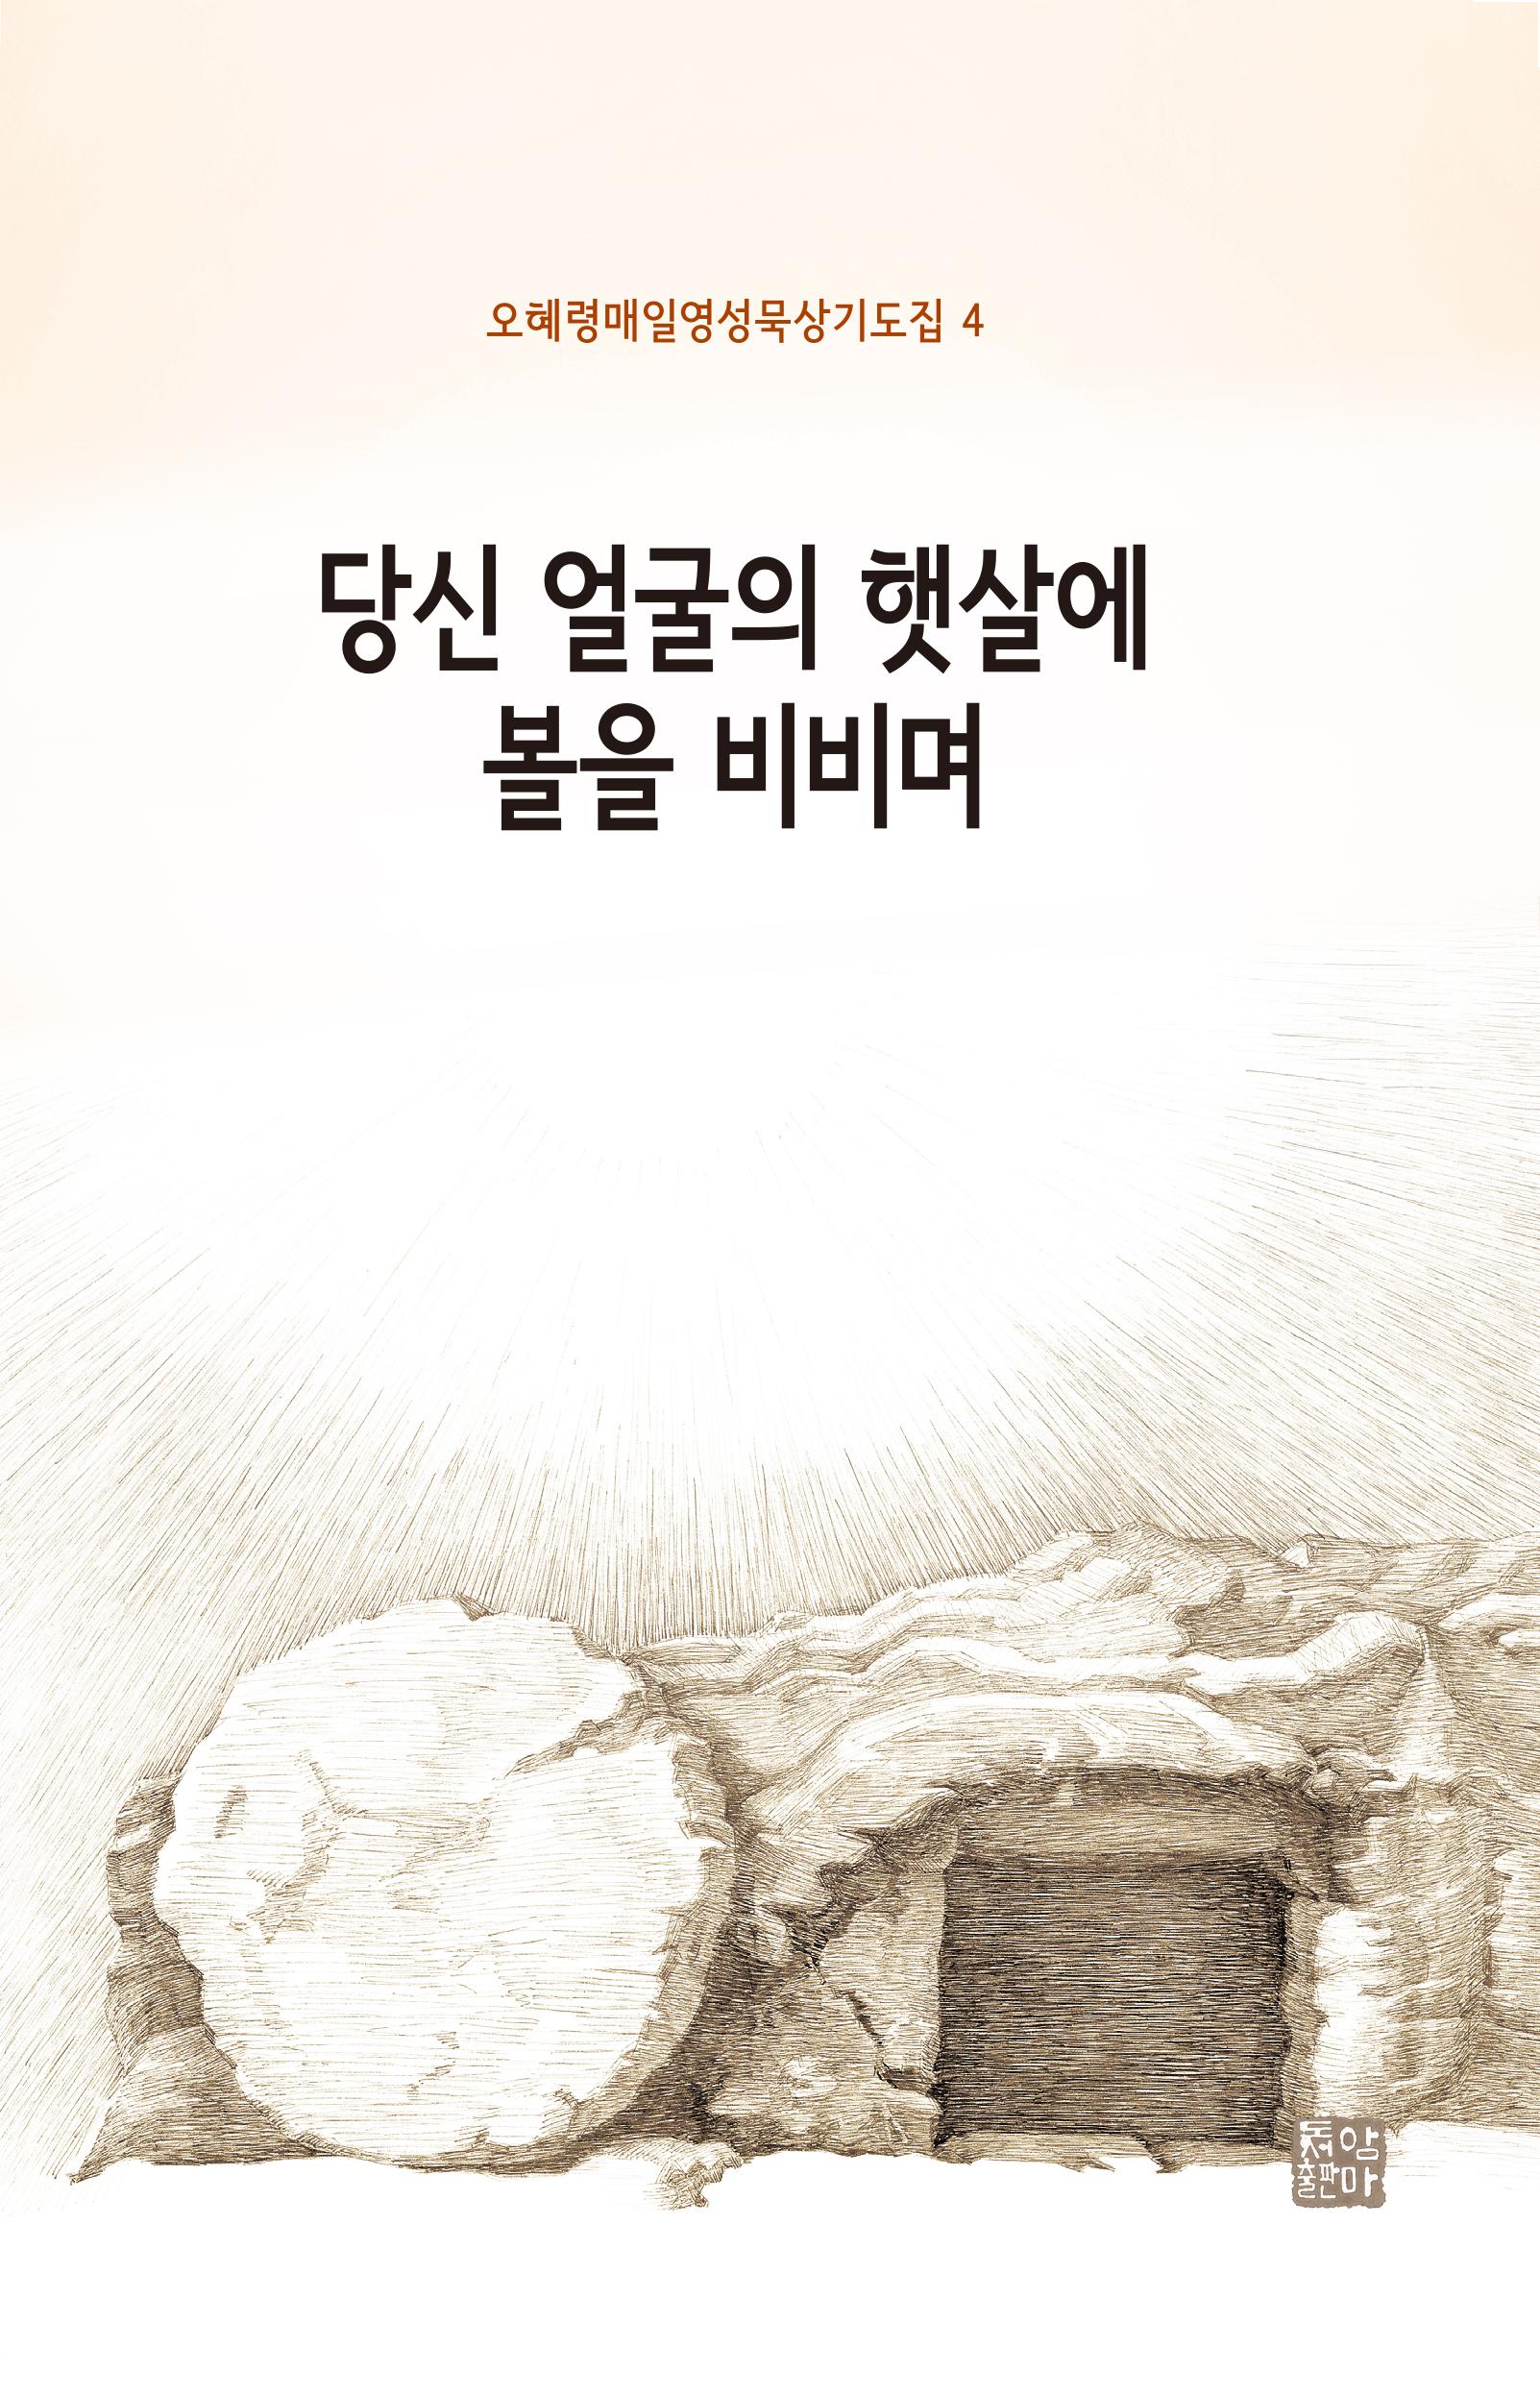 book62 당신 얼굴의 햇살에 볼을 비비며 (1).jpg